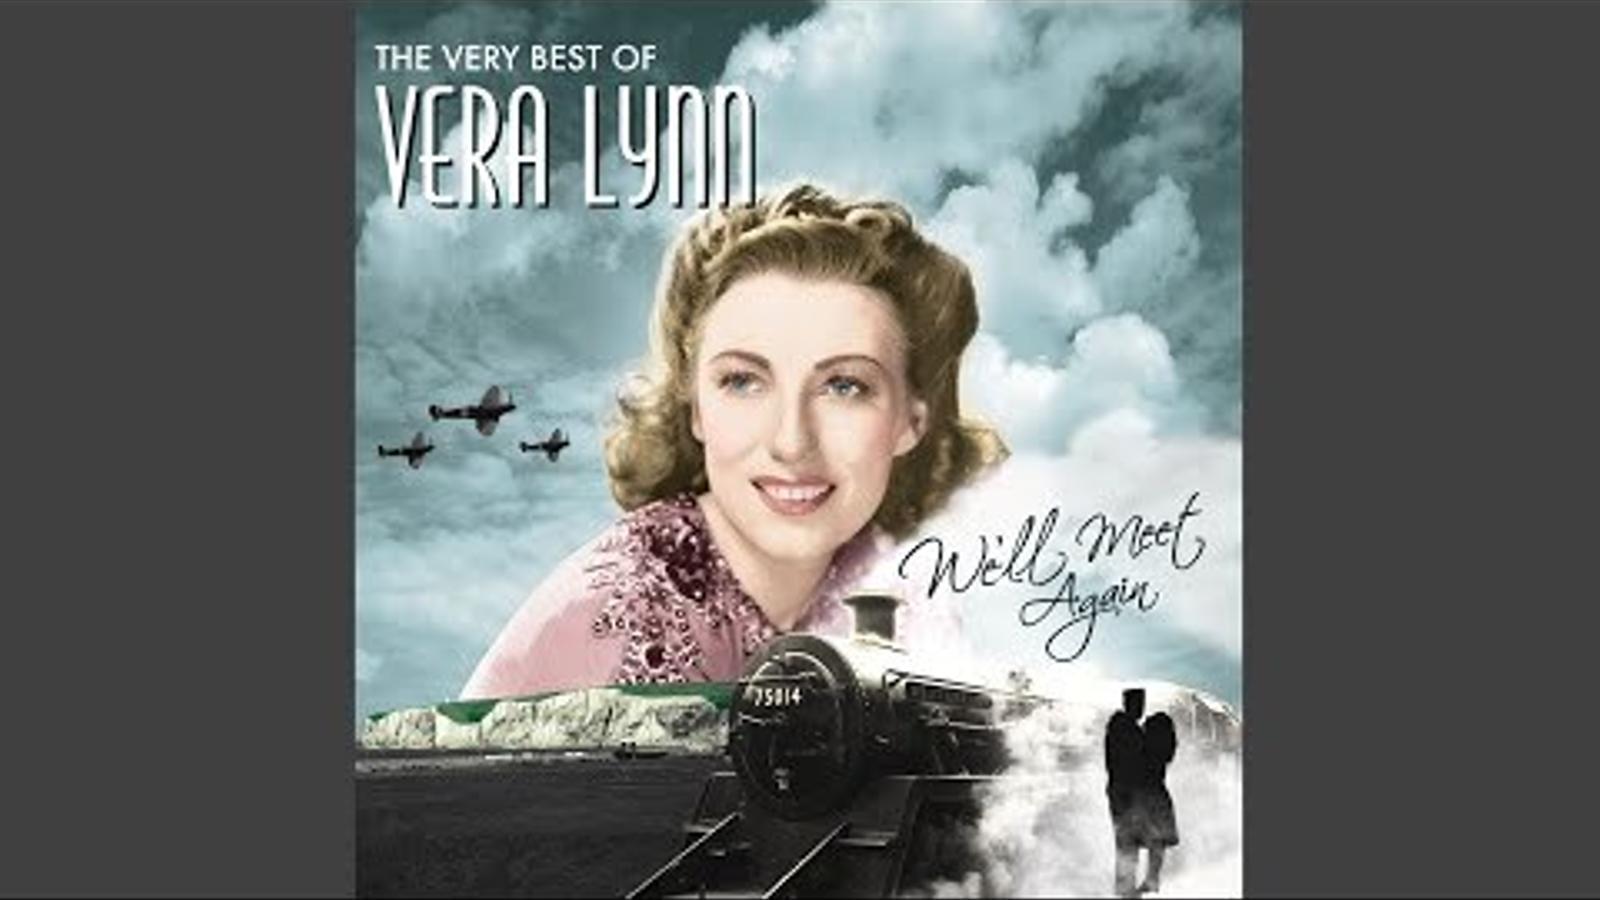 Vera Lynn, 'We'll meet again'